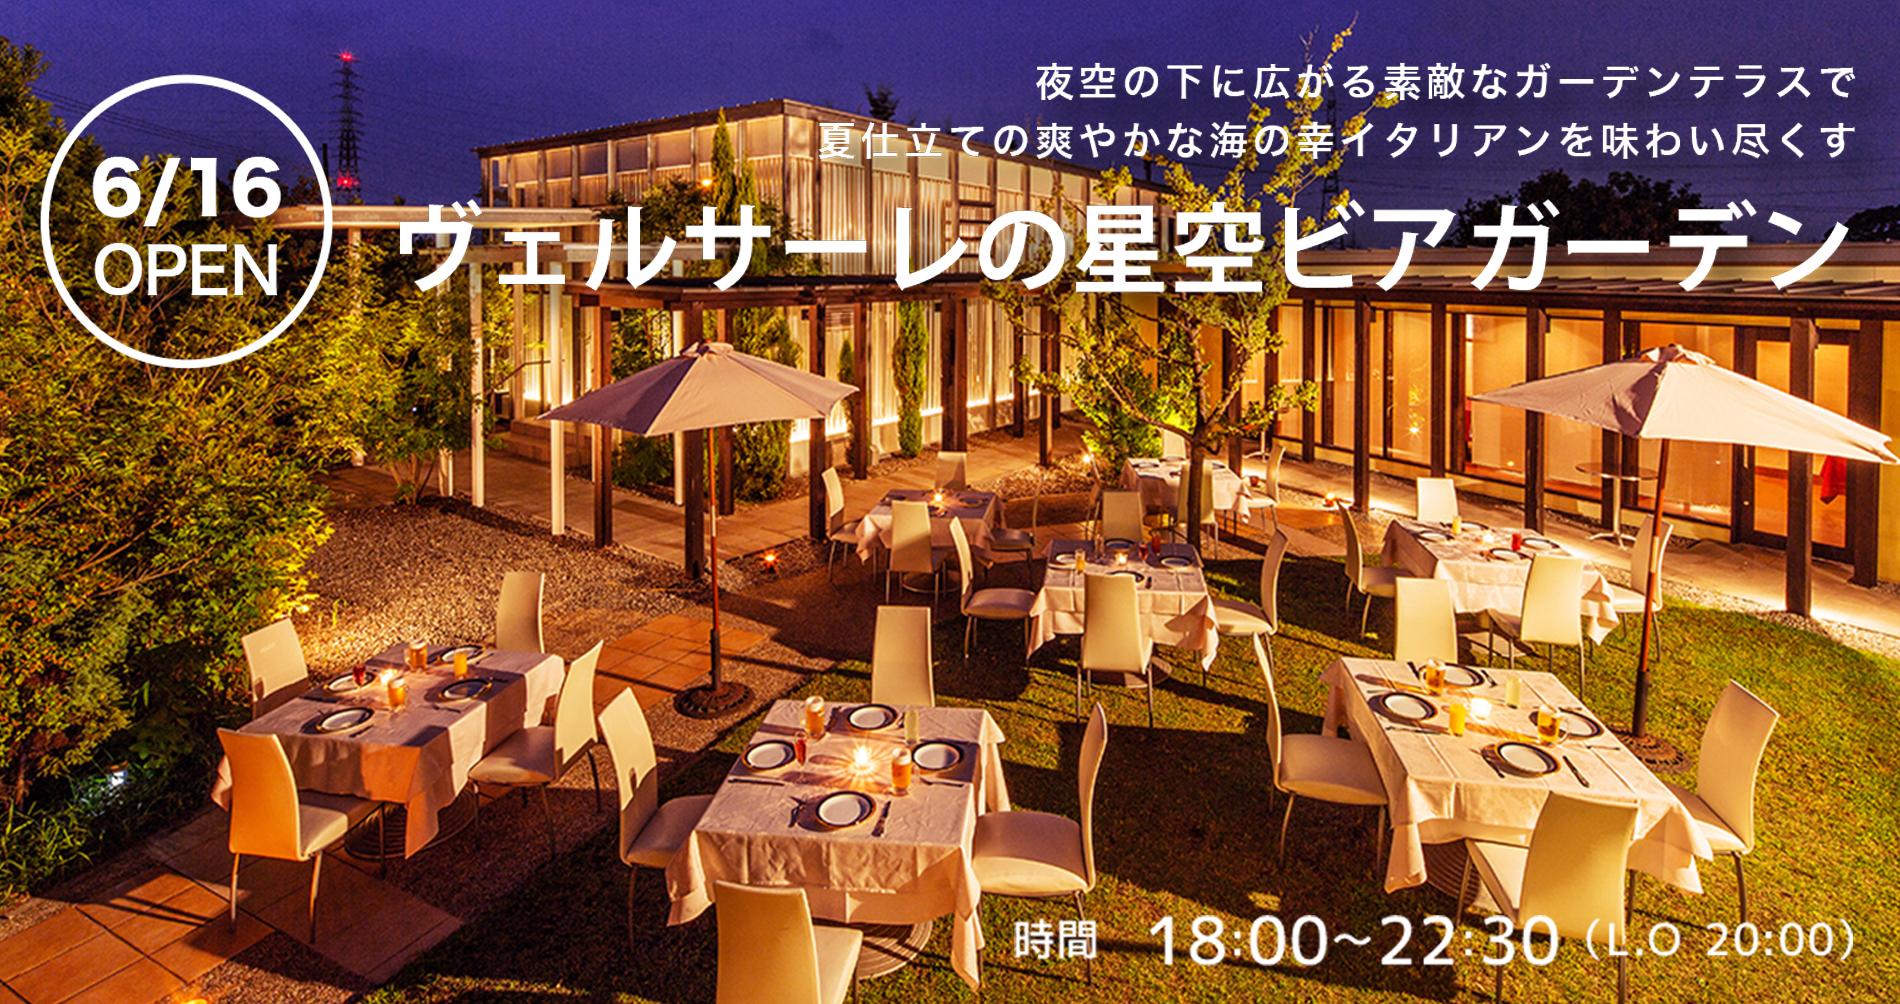 星空 Garden Dinner!南草津ヴェルサーレのビアガーデン